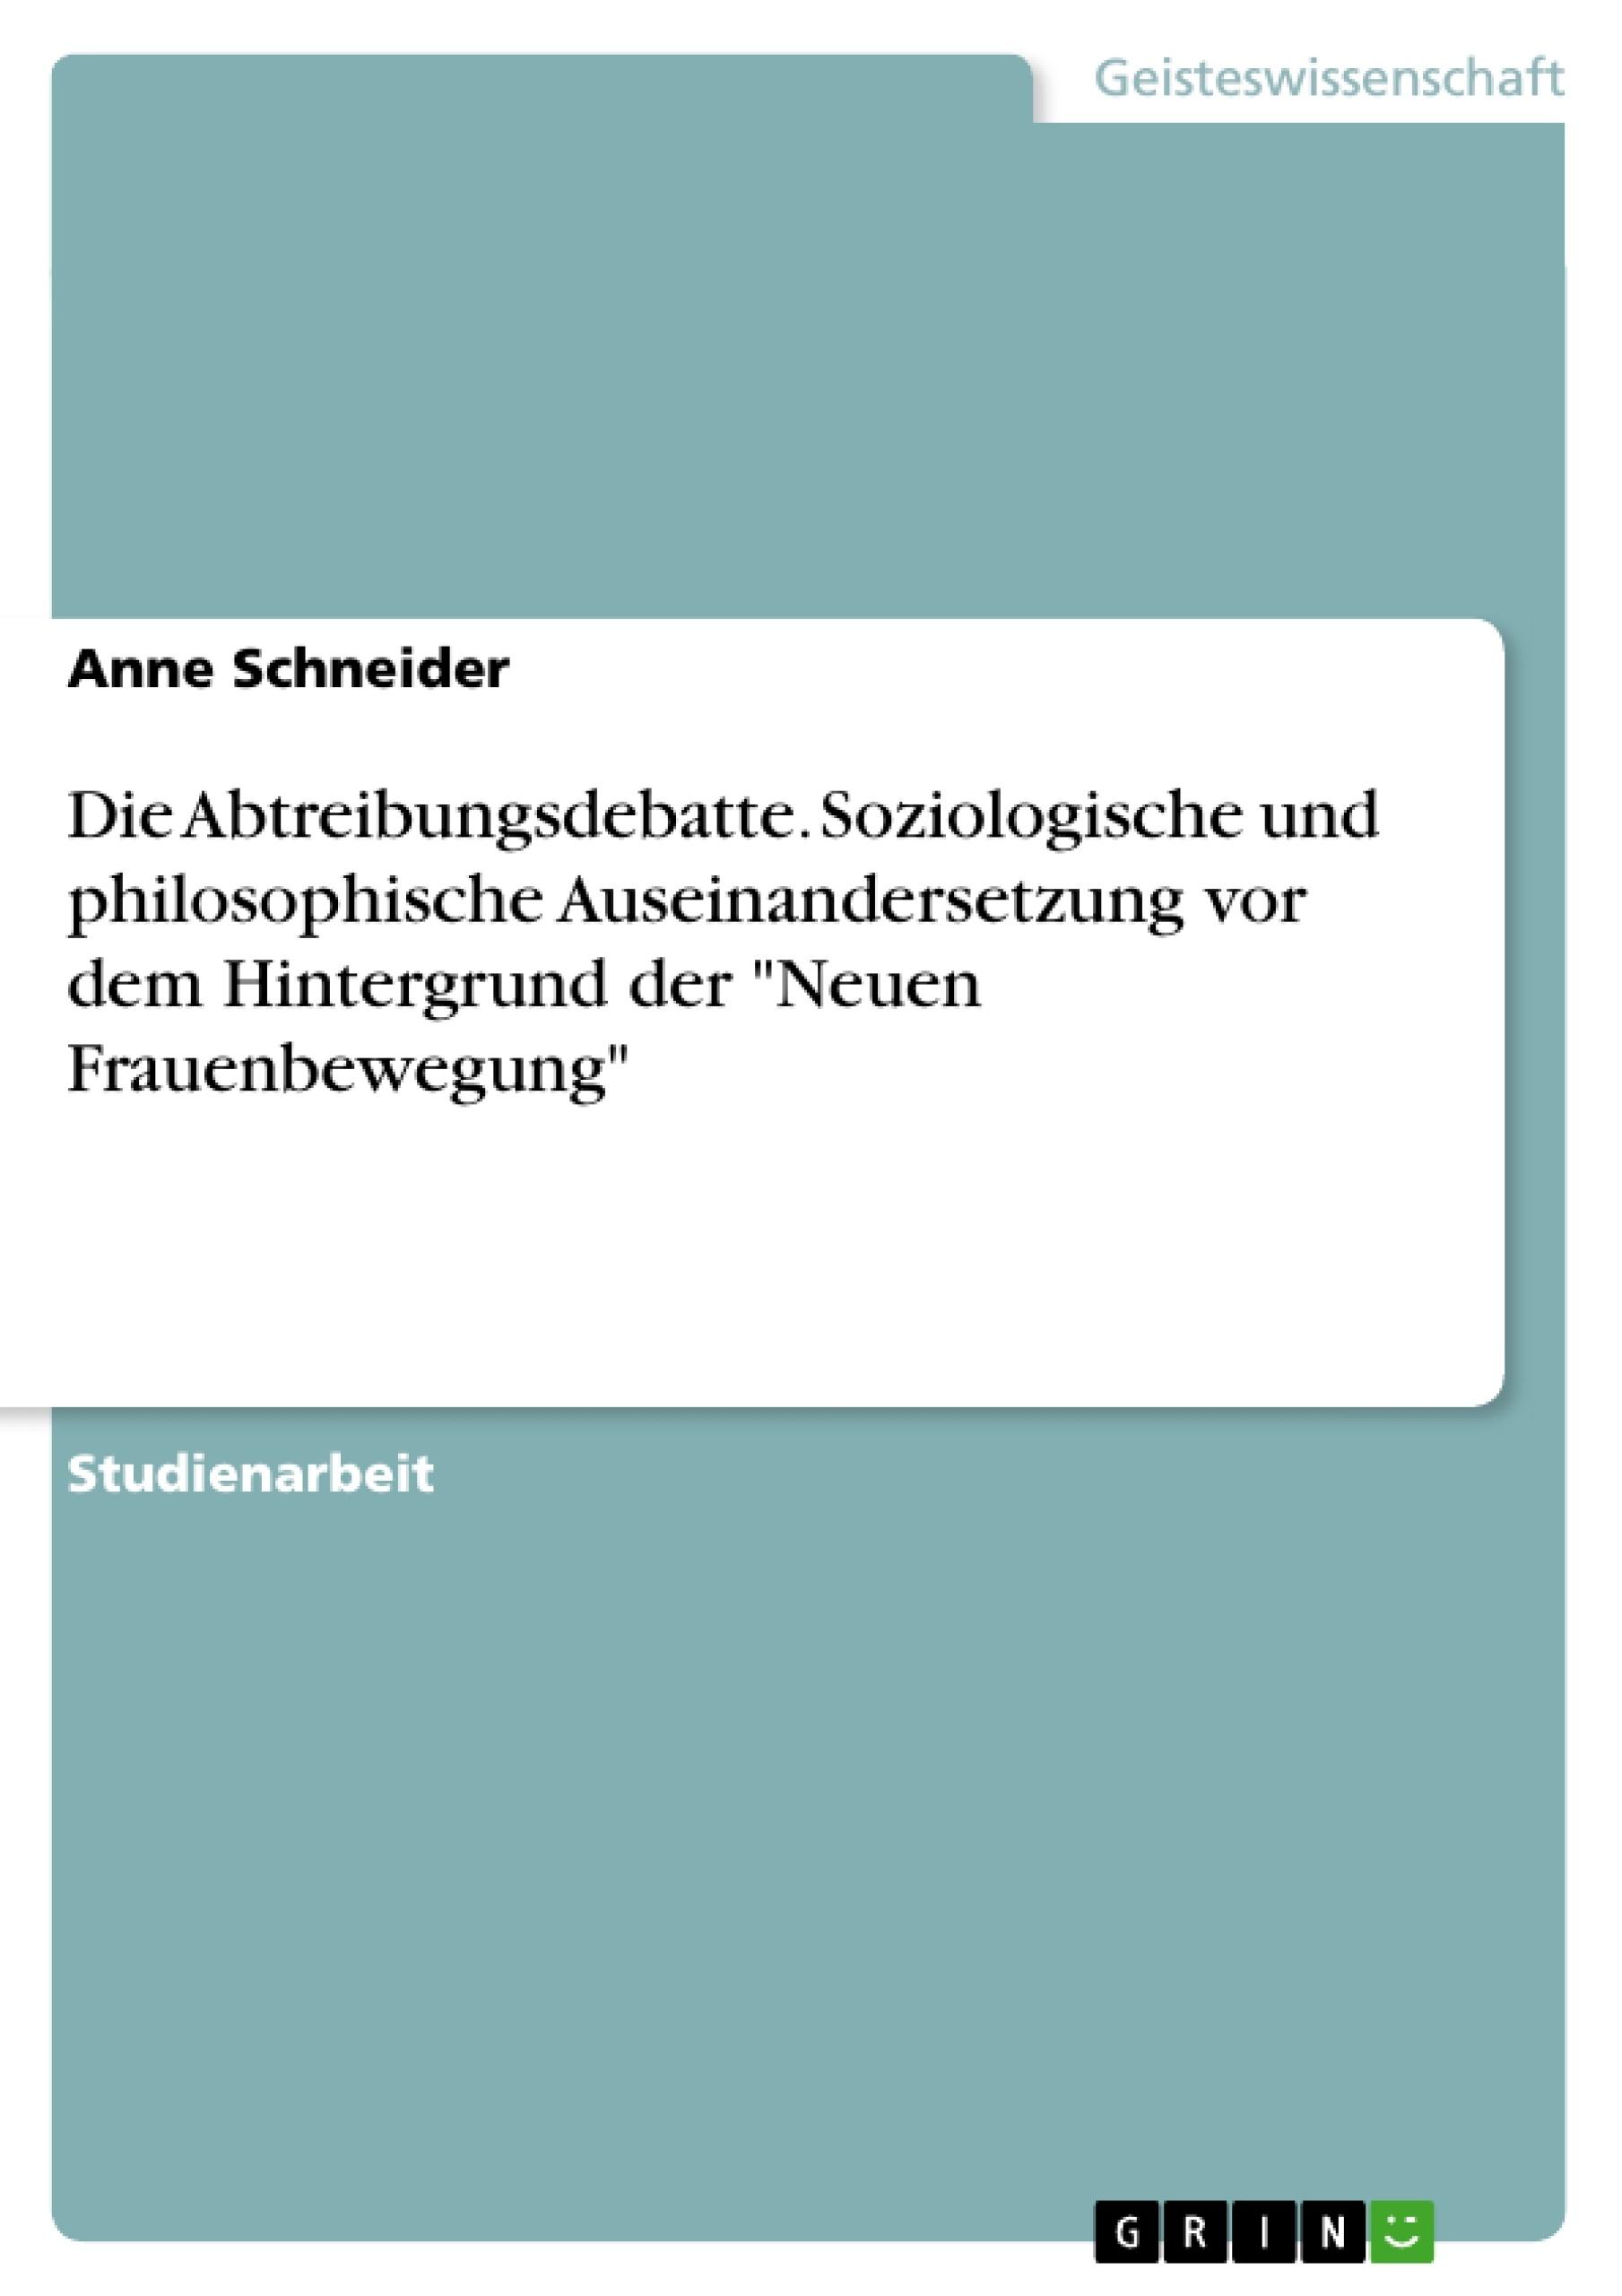 """Titel: Die Abtreibungsdebatte. Soziologische und philosophische Auseinandersetzung vor dem Hintergrund der """"Neuen Frauenbewegung"""""""